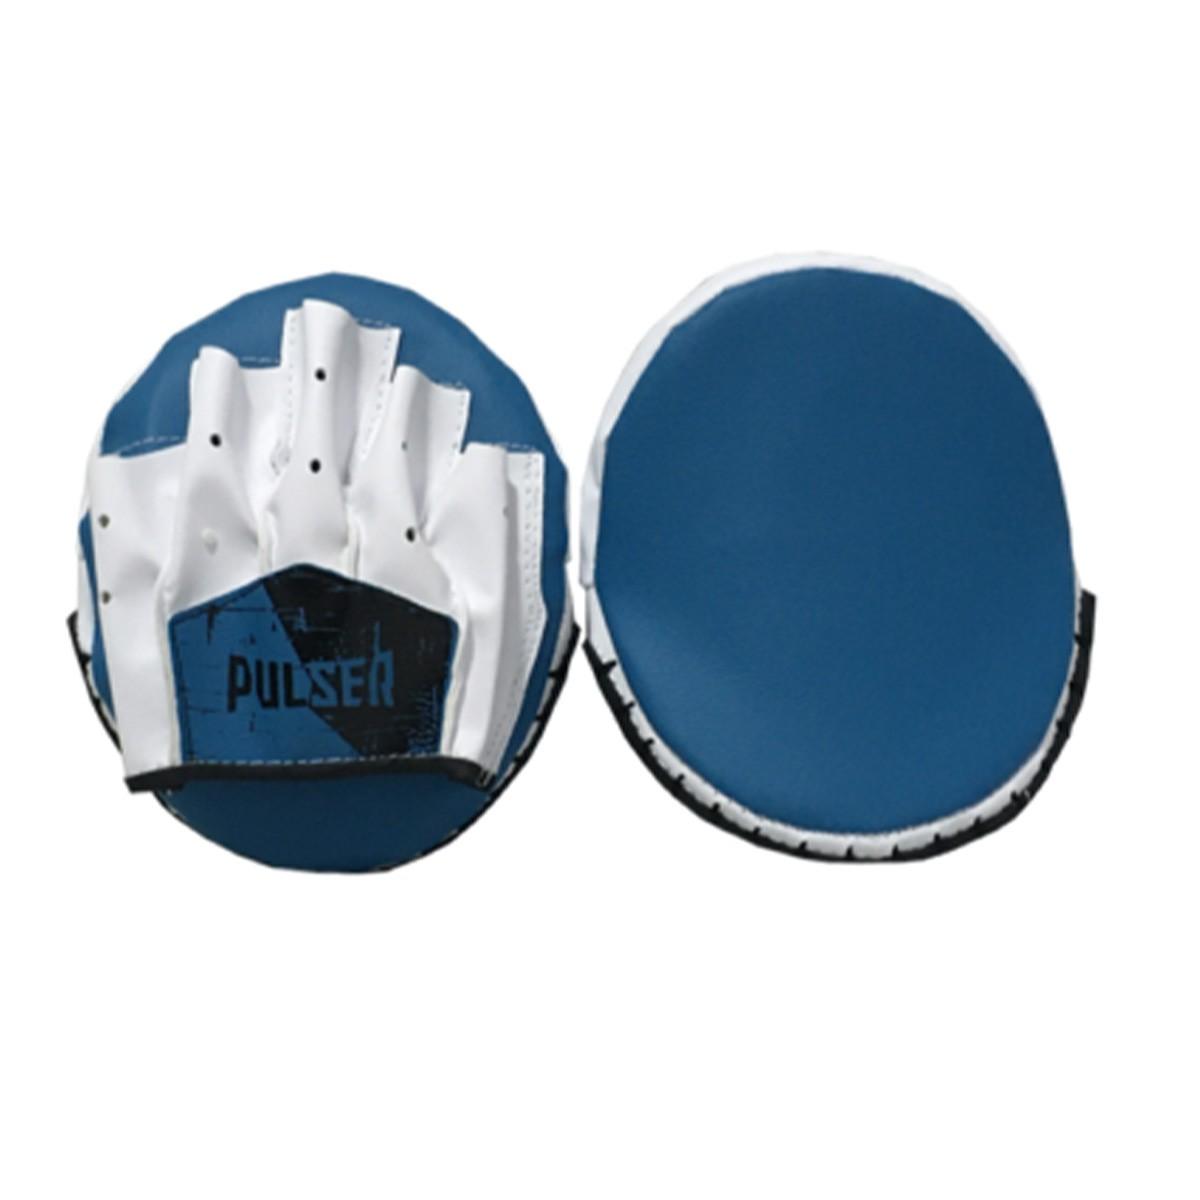 Par de Manopla Luva Foco Rápida - Branco com Azul - Pulser  - PRALUTA SHOP